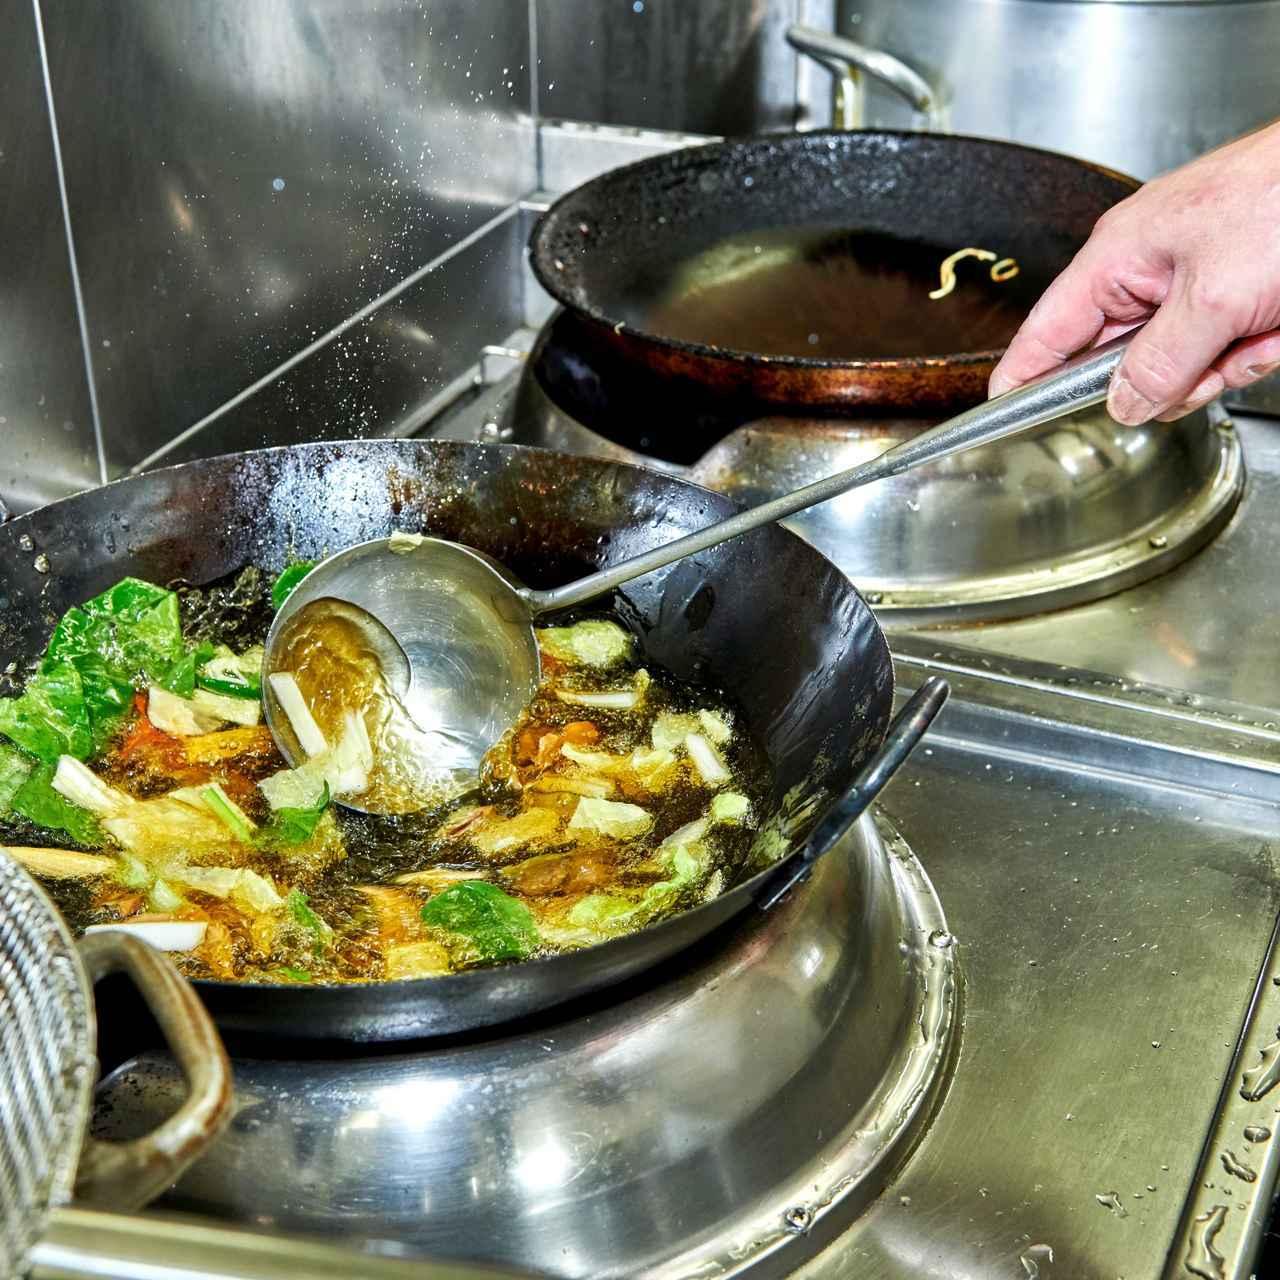 画像: サッと油通した野菜は、あんかけにしてもシャキシャキ感が際立つ